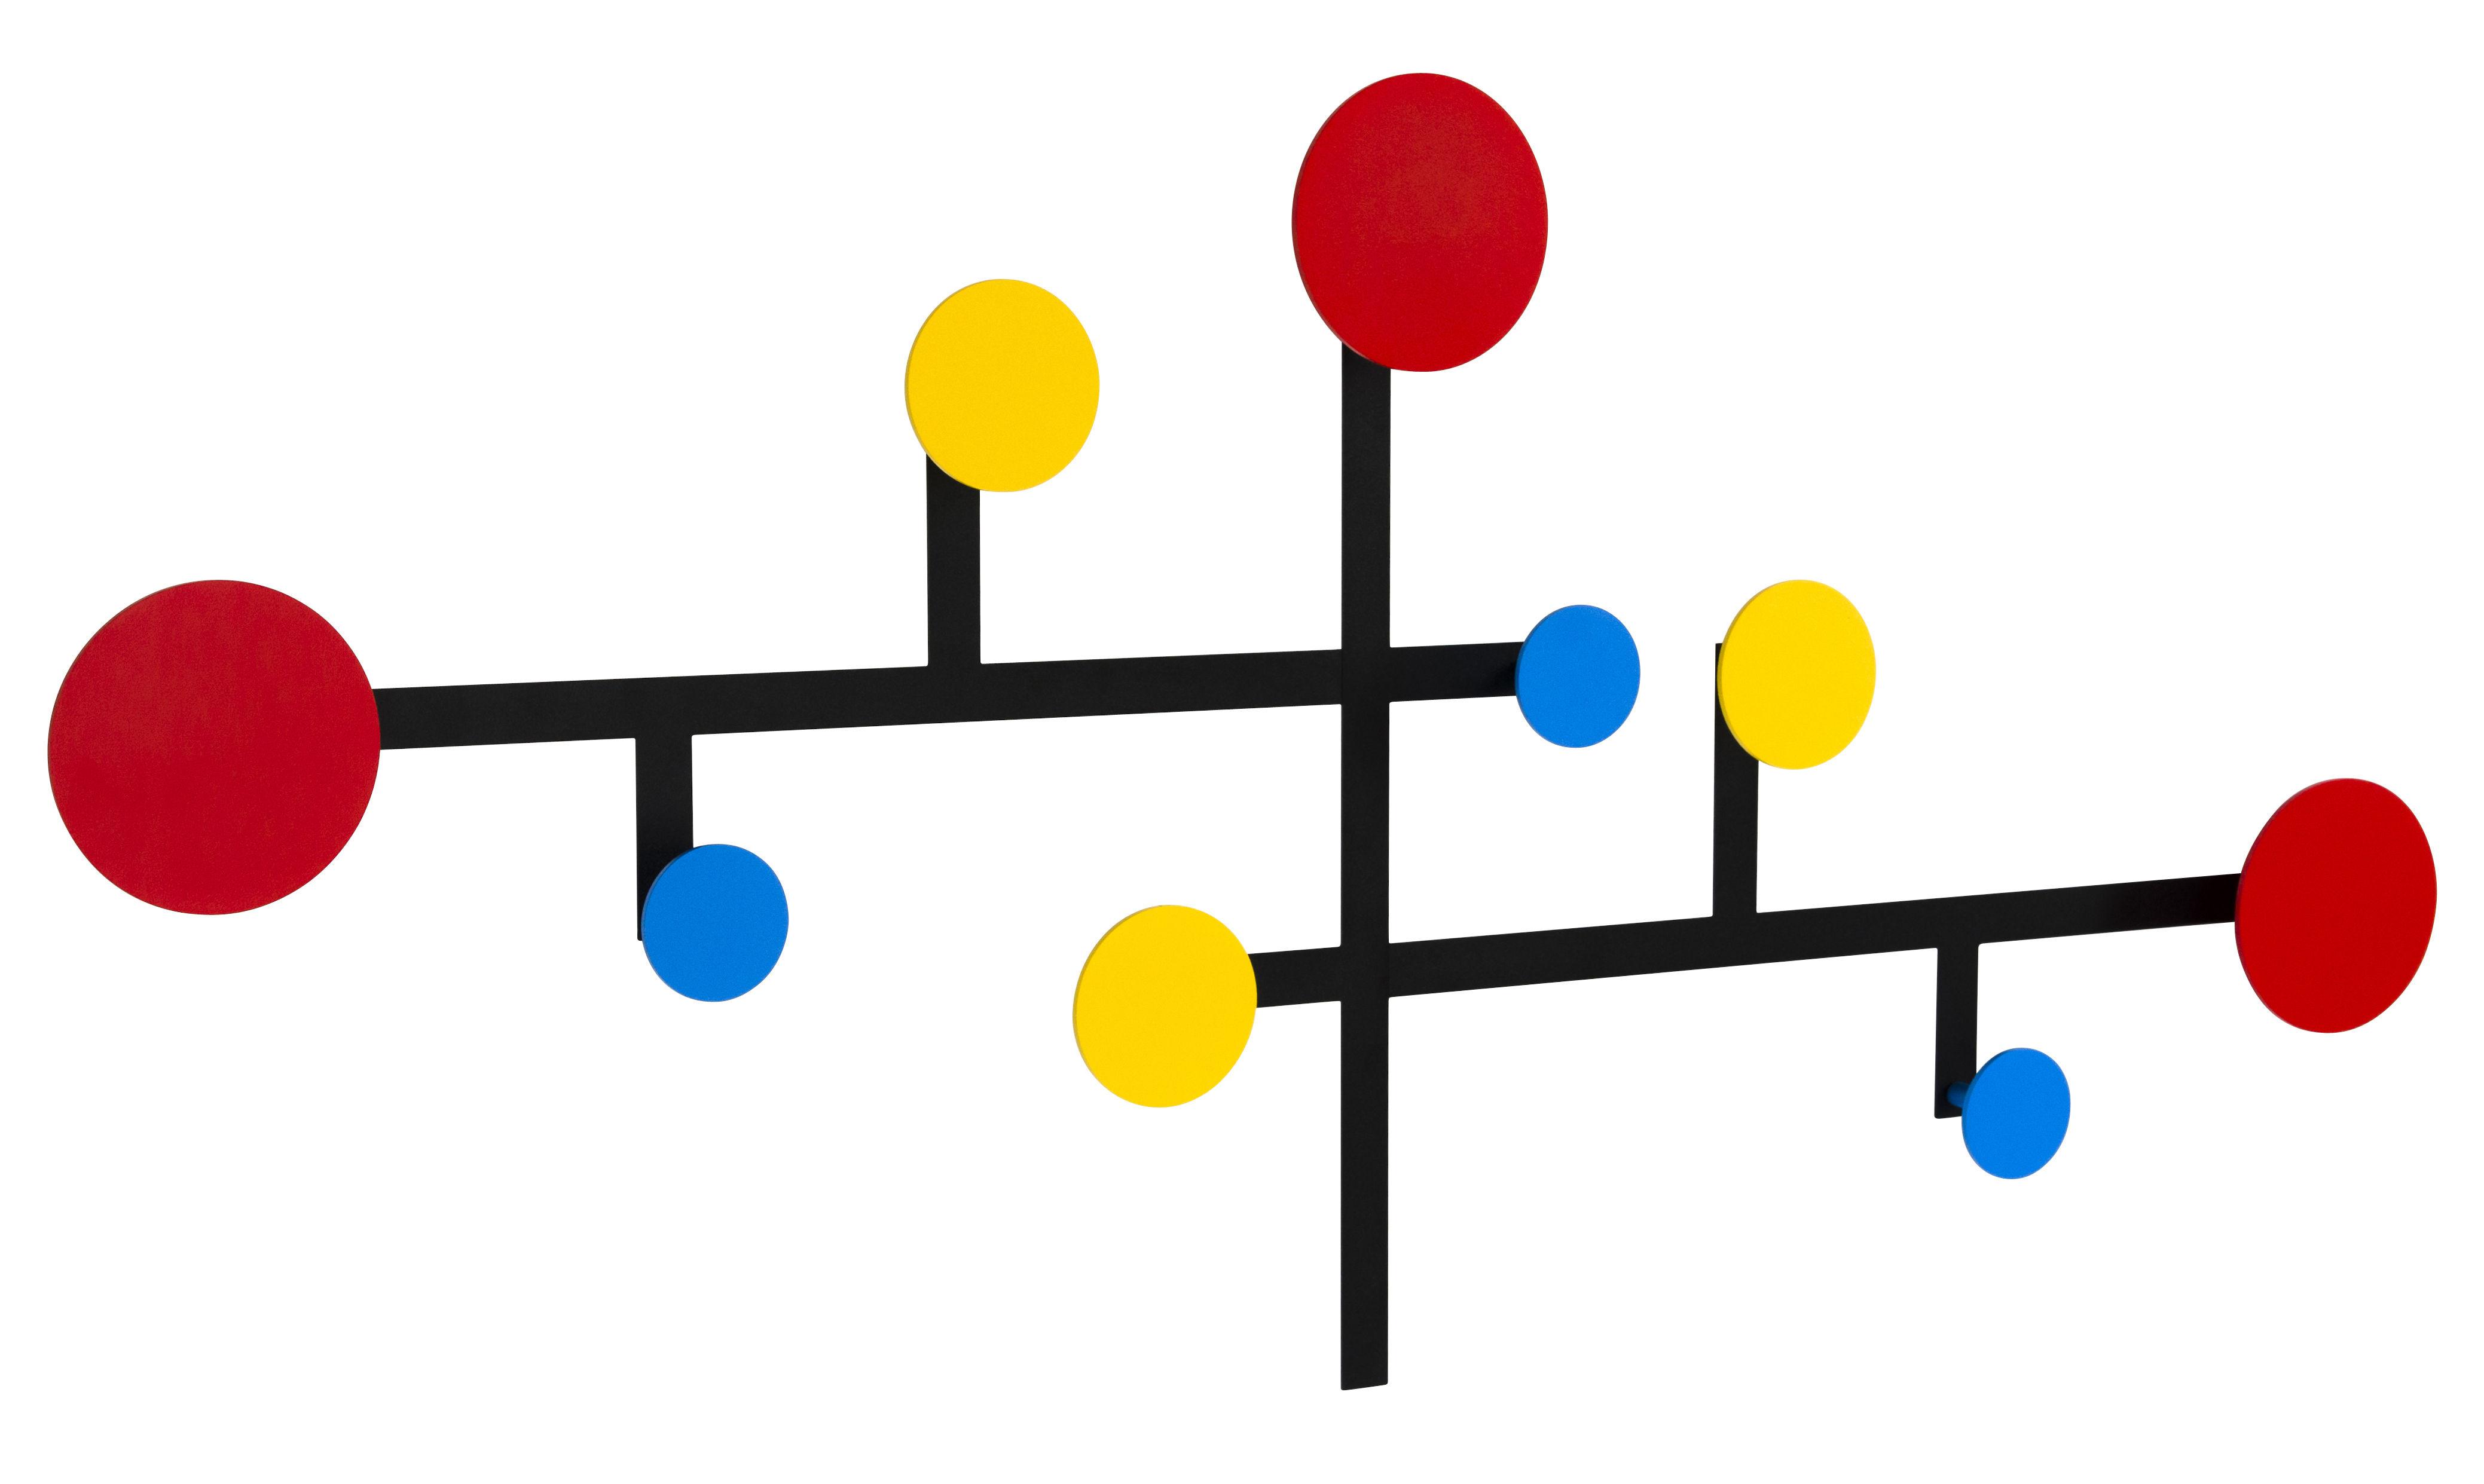 Arredamento - Appendiabiti  - Appendiabiti Piet - / Metallo - 9 ganci / Modulabile di Presse citron - Rosso, Giallo, Blu / Struttura nera - Acciaio laccato